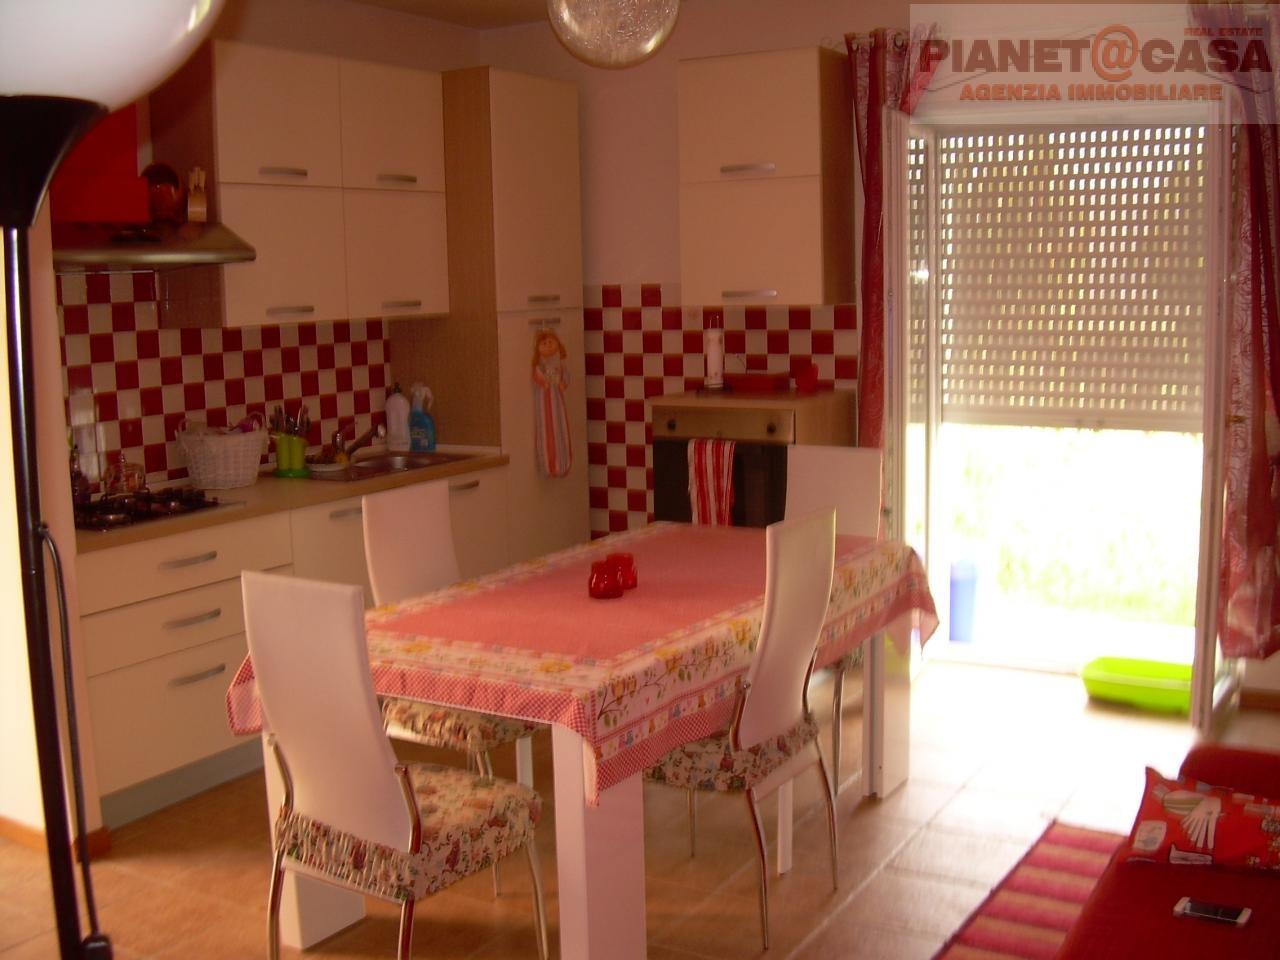 Appartamento in vendita a Spinetoli, 2 locali, zona Località: PAGLIAREDELTRONTO, prezzo € 85.000 | Cambio Casa.it